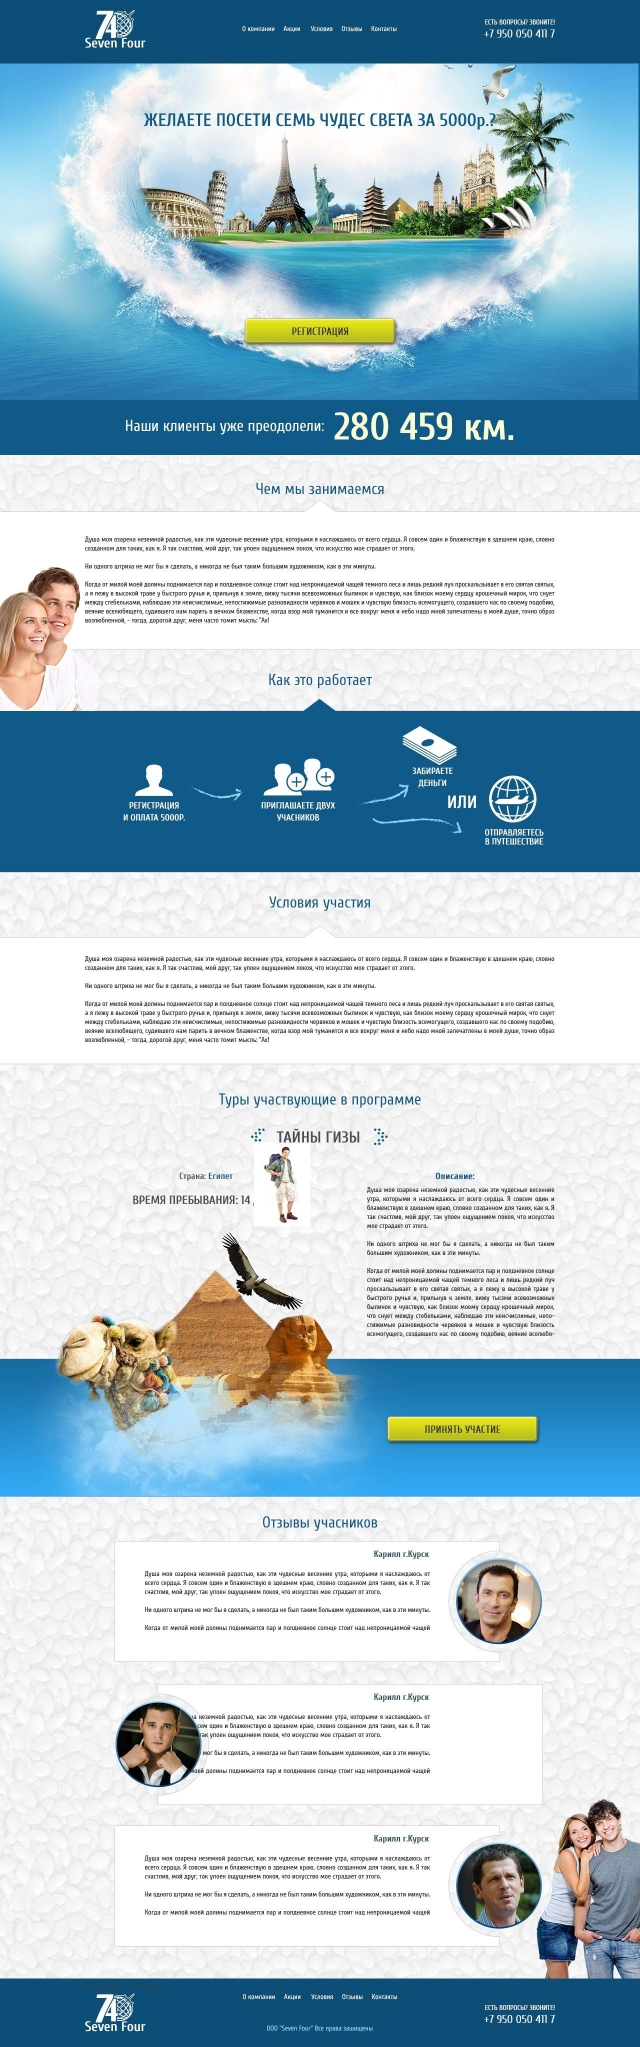 Сайт сетевой компании 74